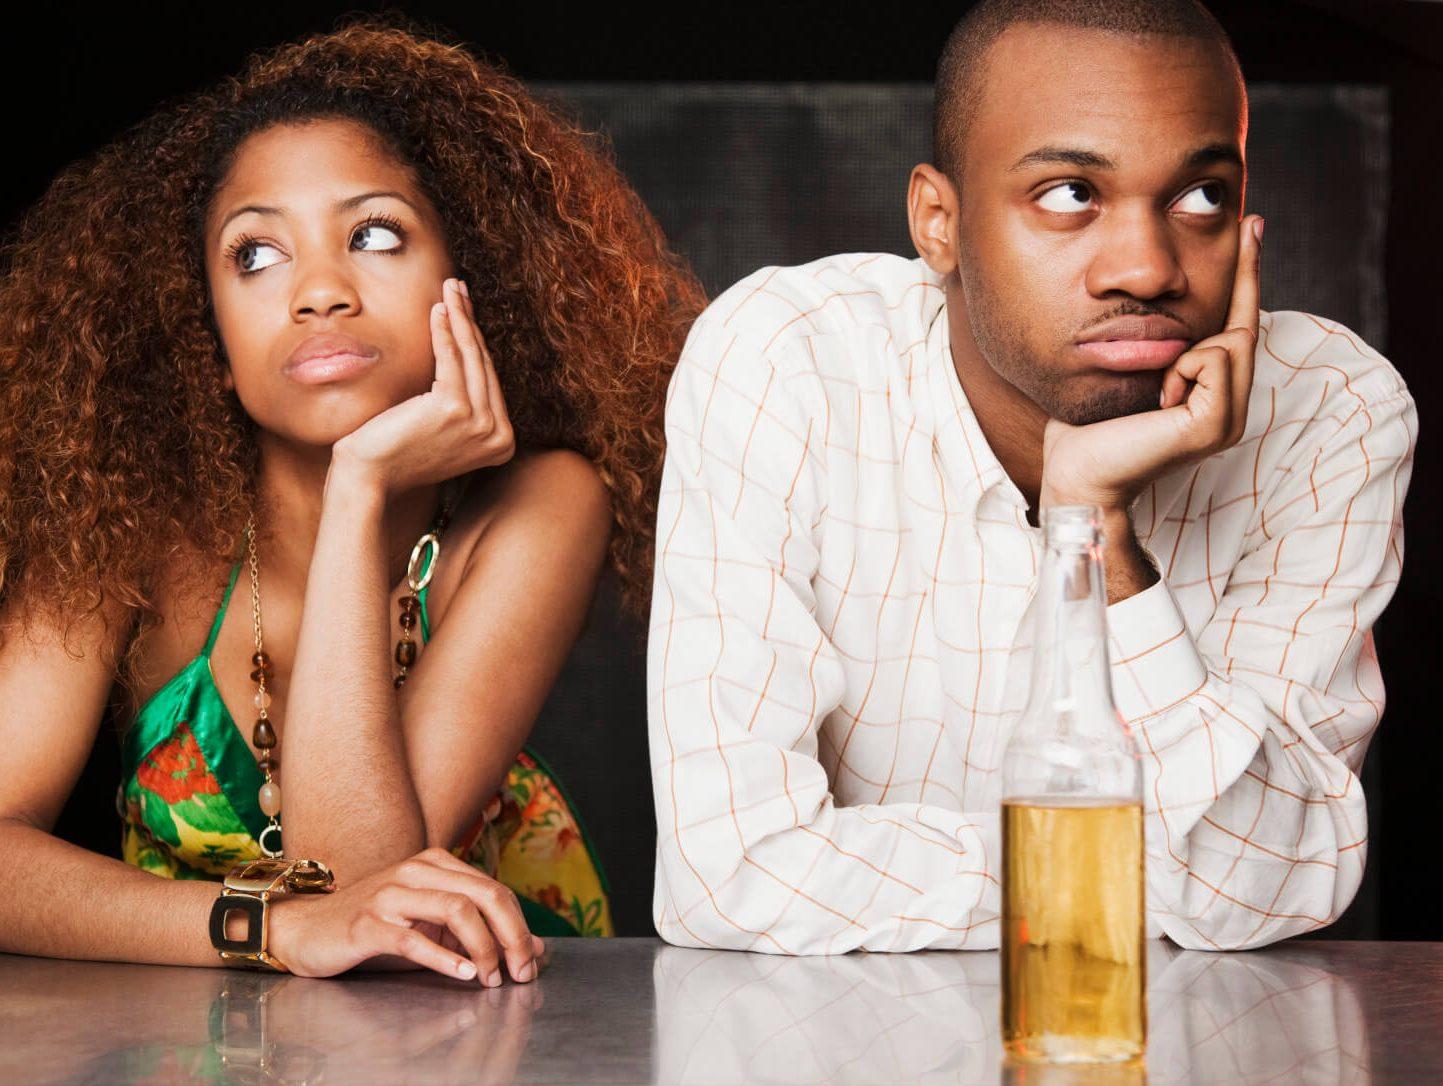 Zoek uit of vriendje is op dating sites